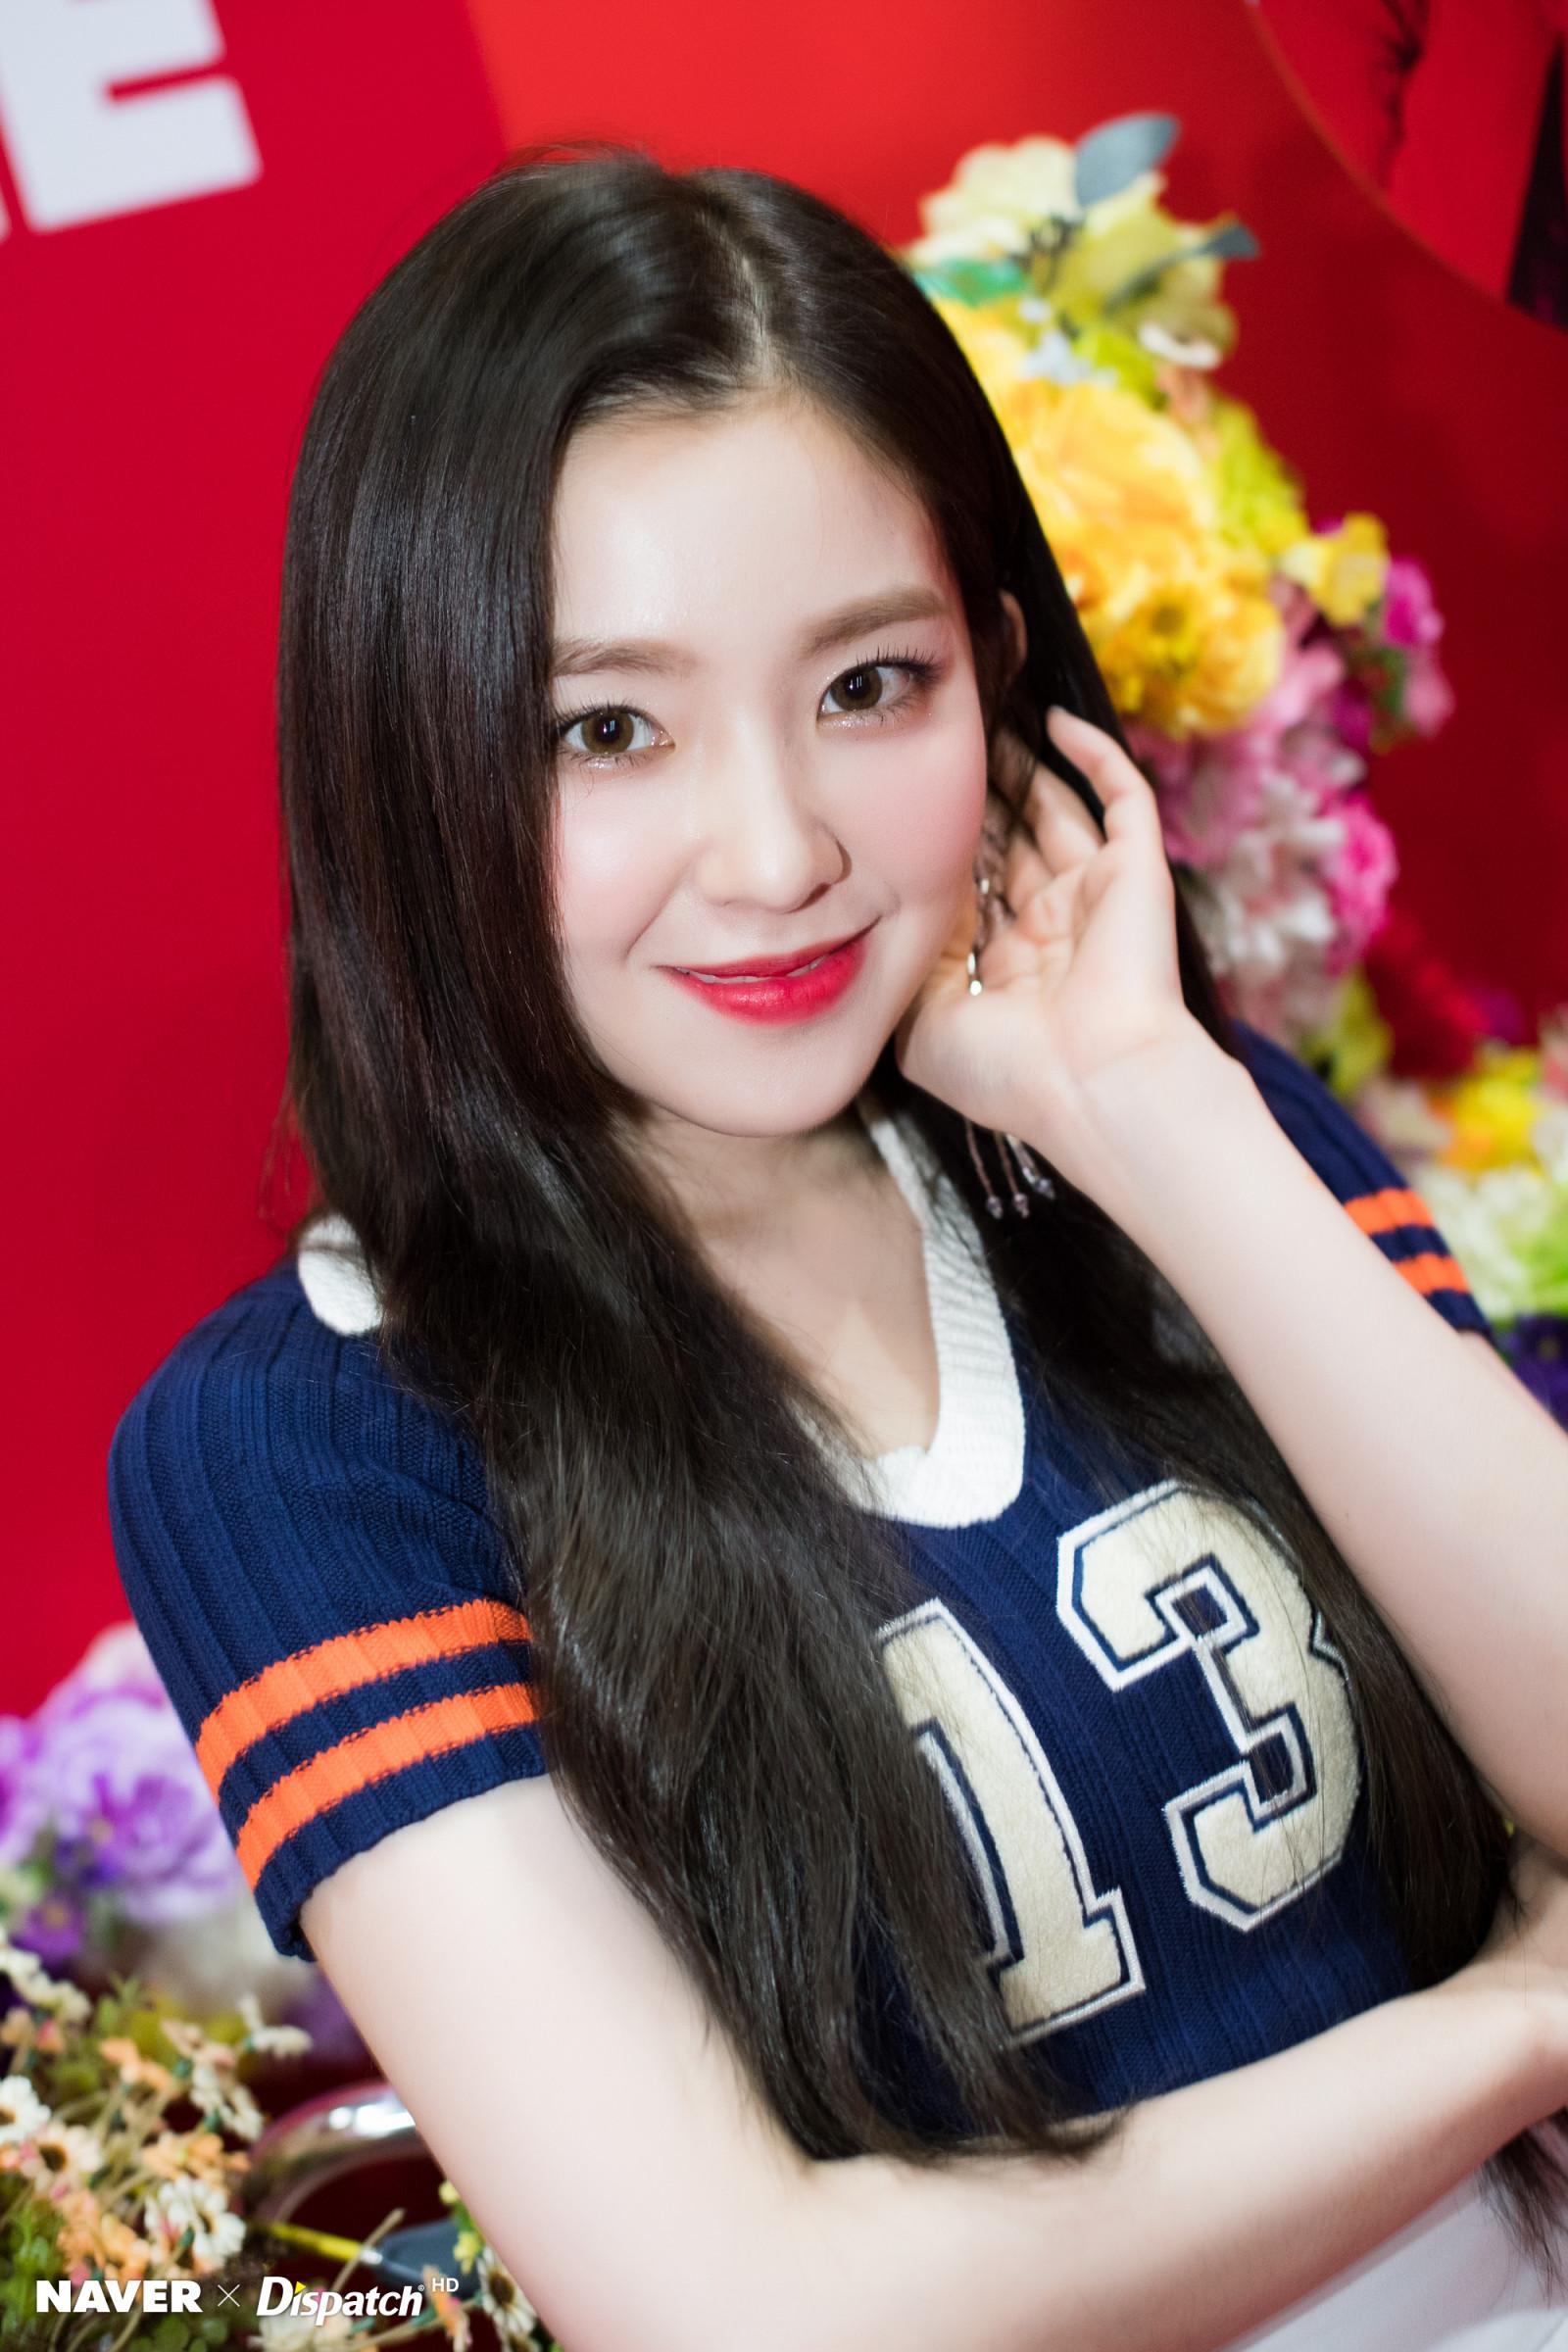 Wallpaper K Pop Redvelvet Irene Red Velvet 2000x3000 Barantr90 1450699 Hd Wallpapers Wallhere